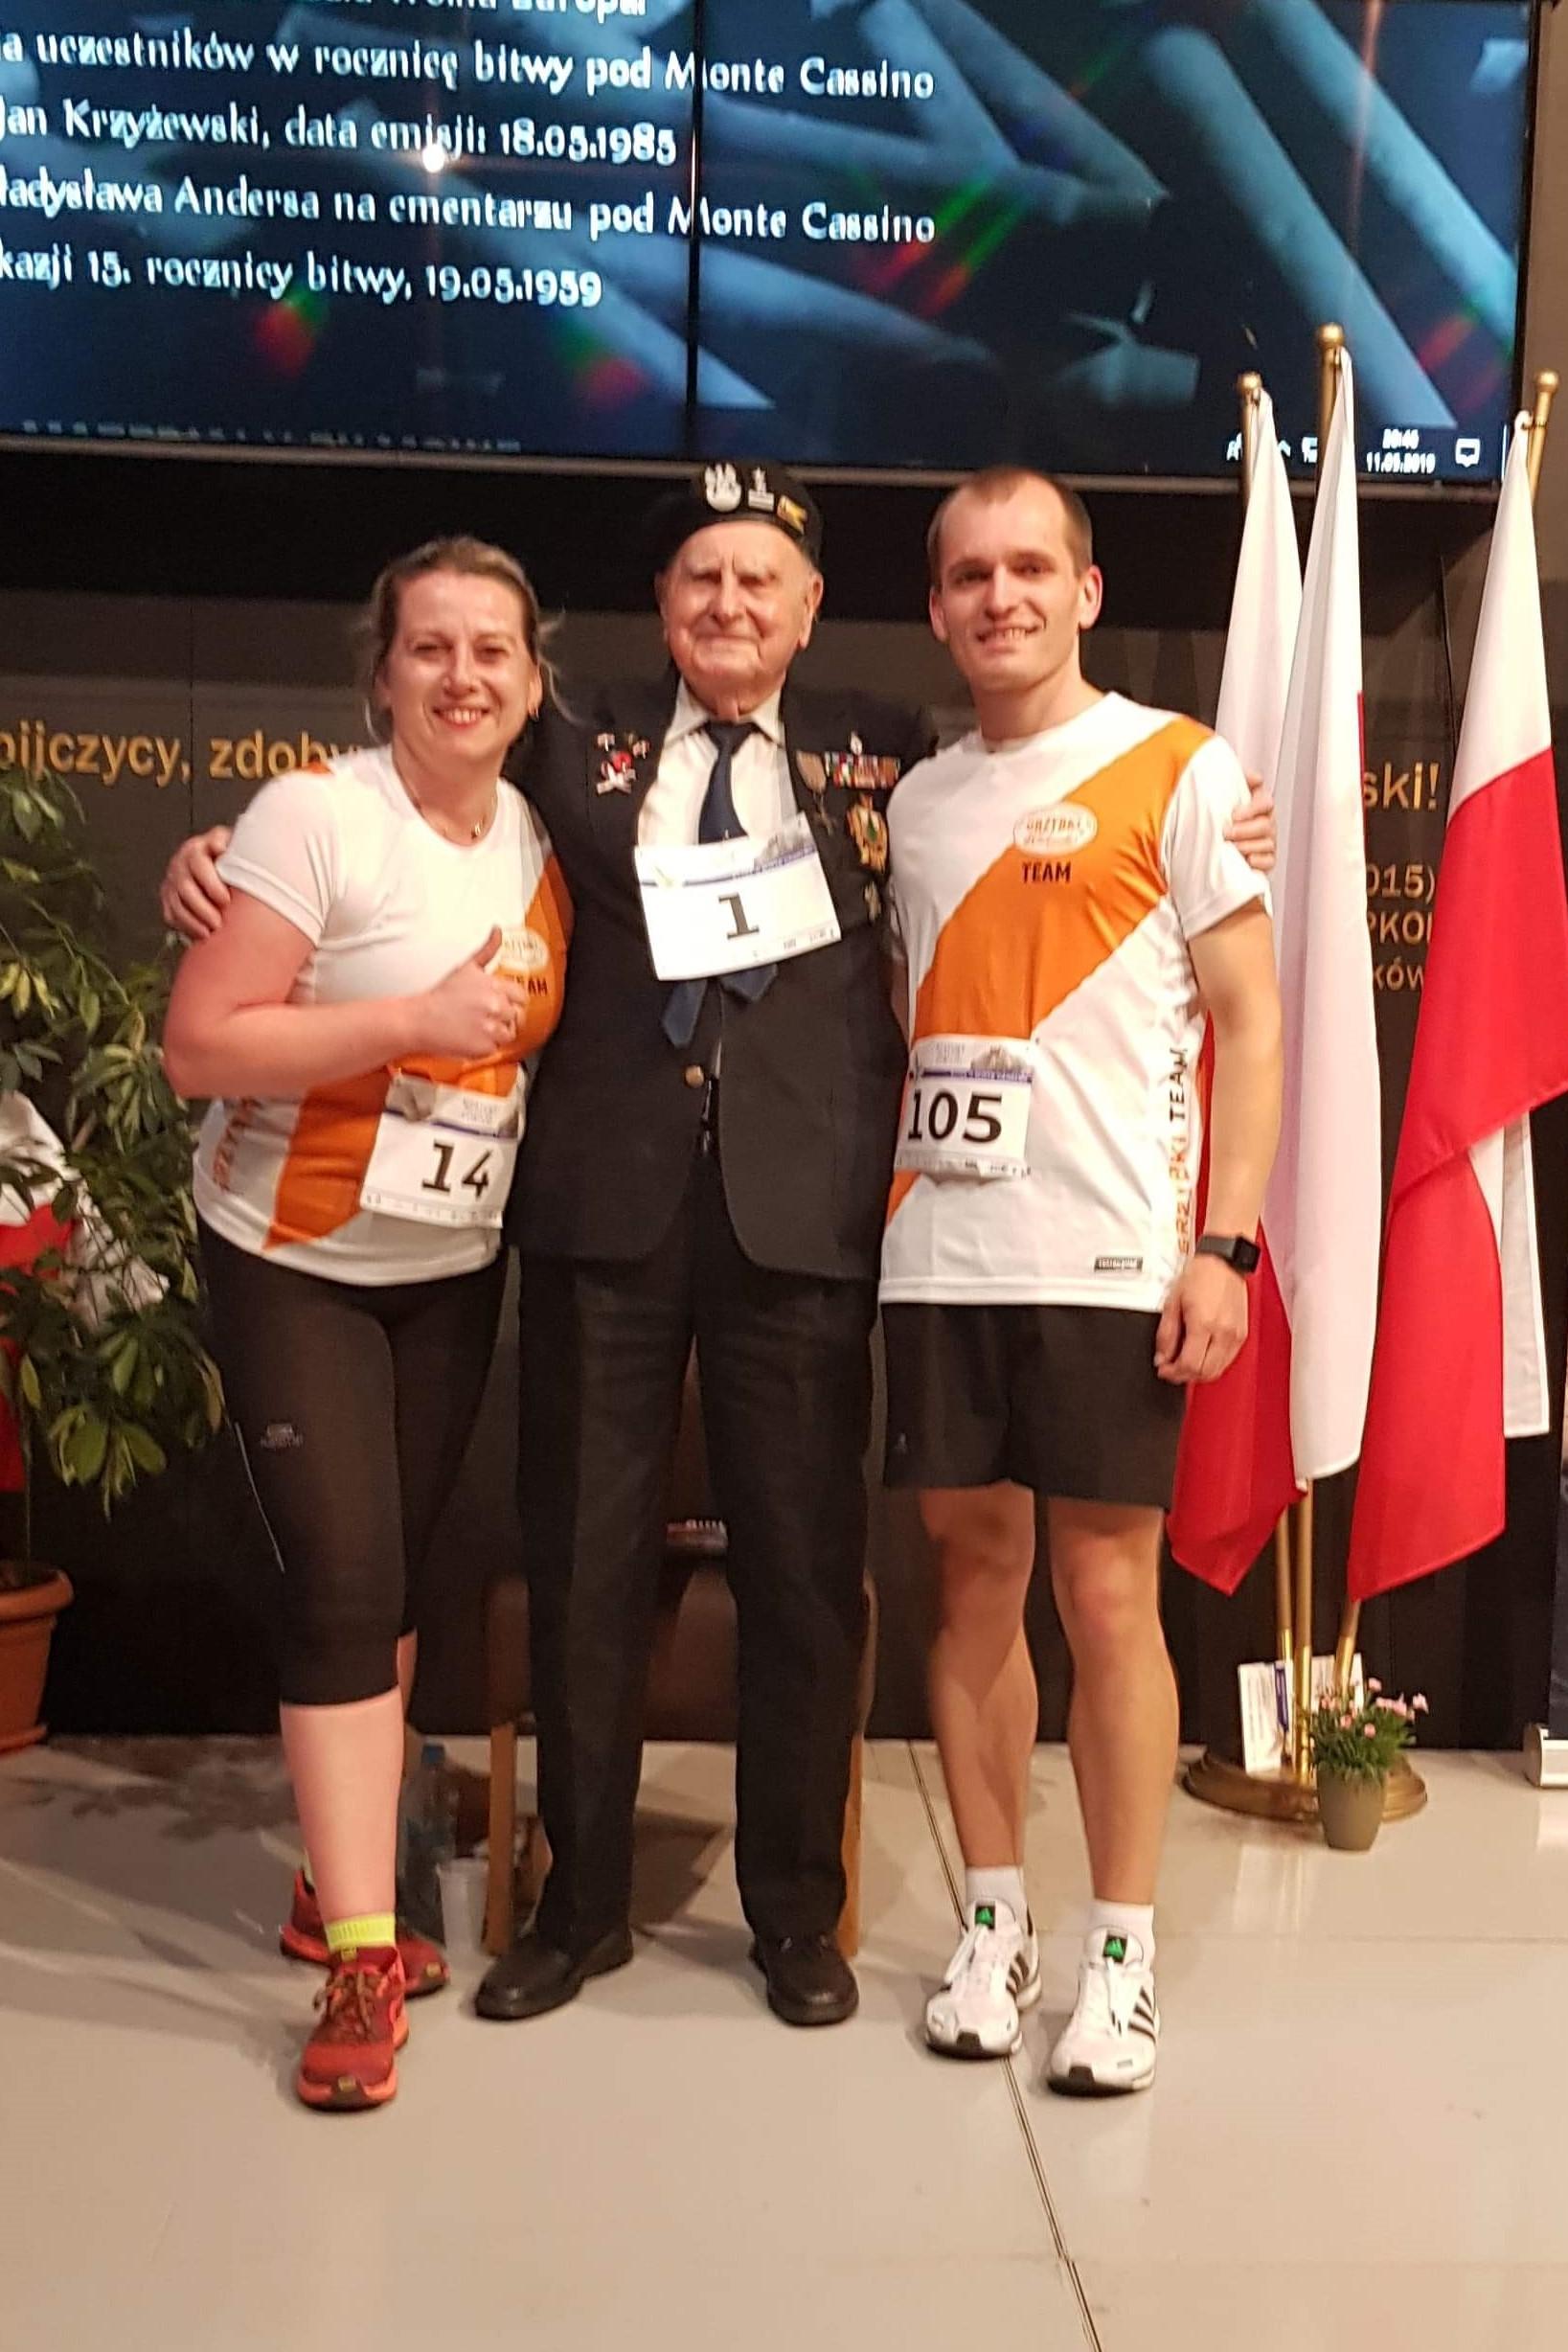 Ania i Łukasz w towarzystwie jednego z uczestników bitwy o Monte Cassino - p. Antoniego Łapińskiego | Etapowy Maraton Pokoju w Warszawie - Bitwa o Monte Cassino 11 maja 2019r.